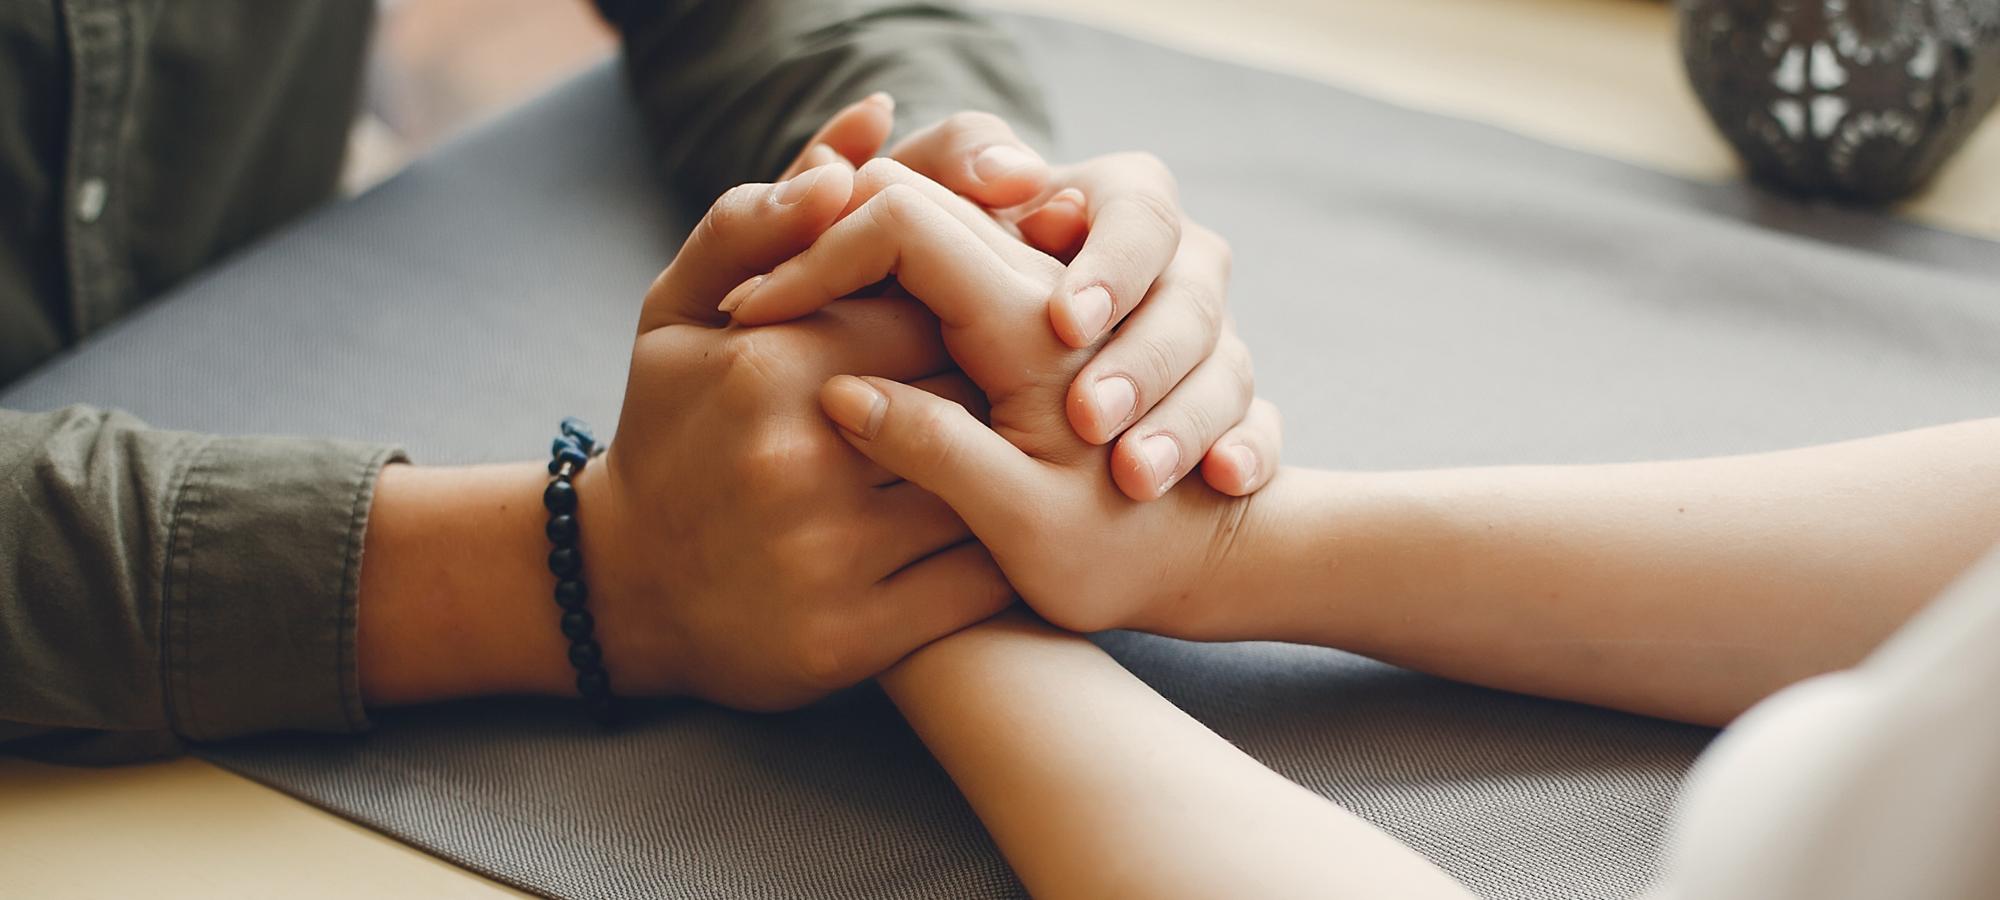 Cinco claves para encontrar el verdadero amor